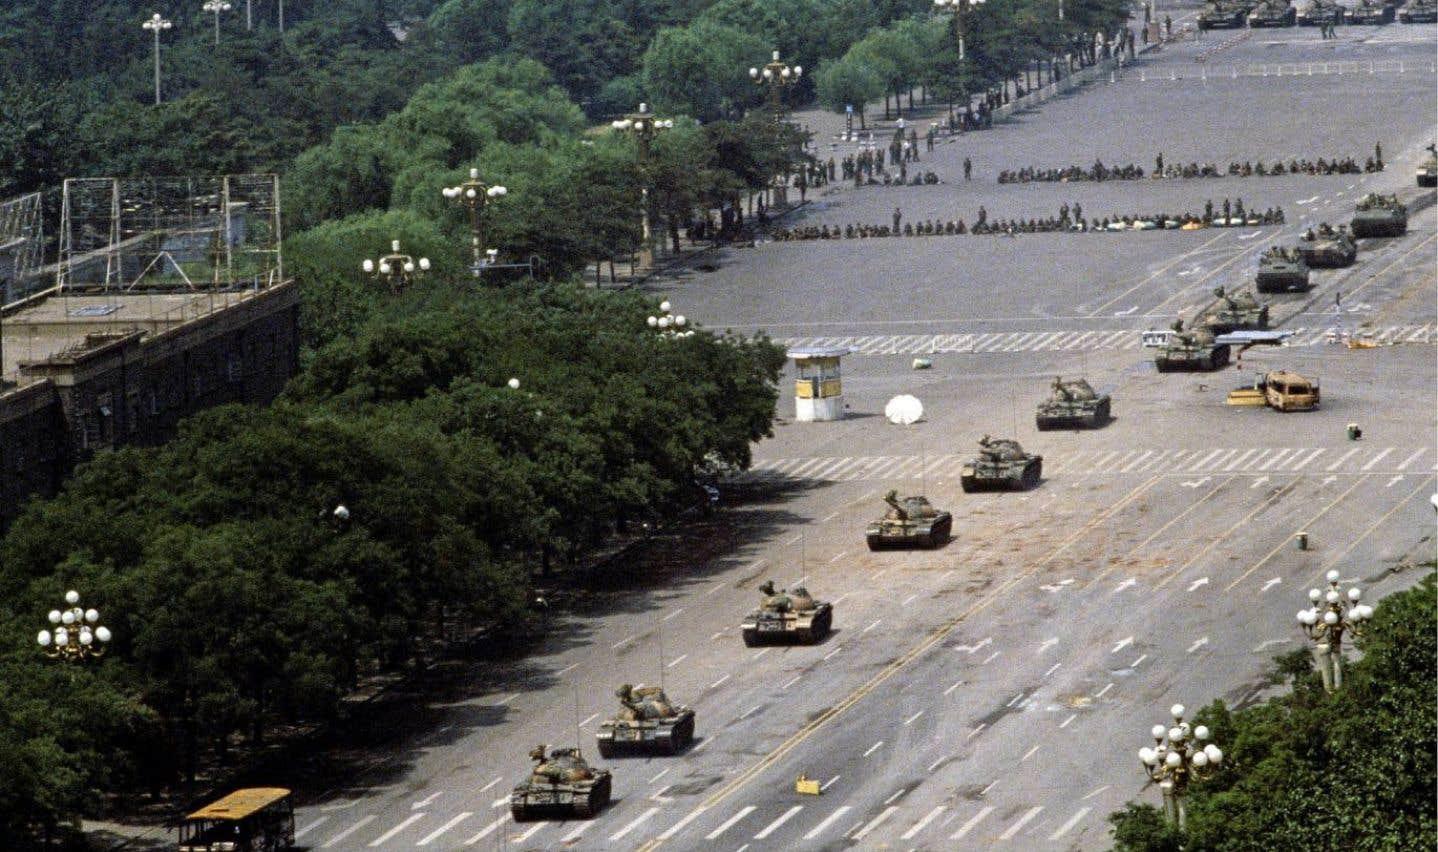 Photo de l'exposition 25 x la révolte qui représente le début de la répression militaire du 4juin: une colonne de chars d'assaut chinois T-59 progresse sur laplace Tiananmen.